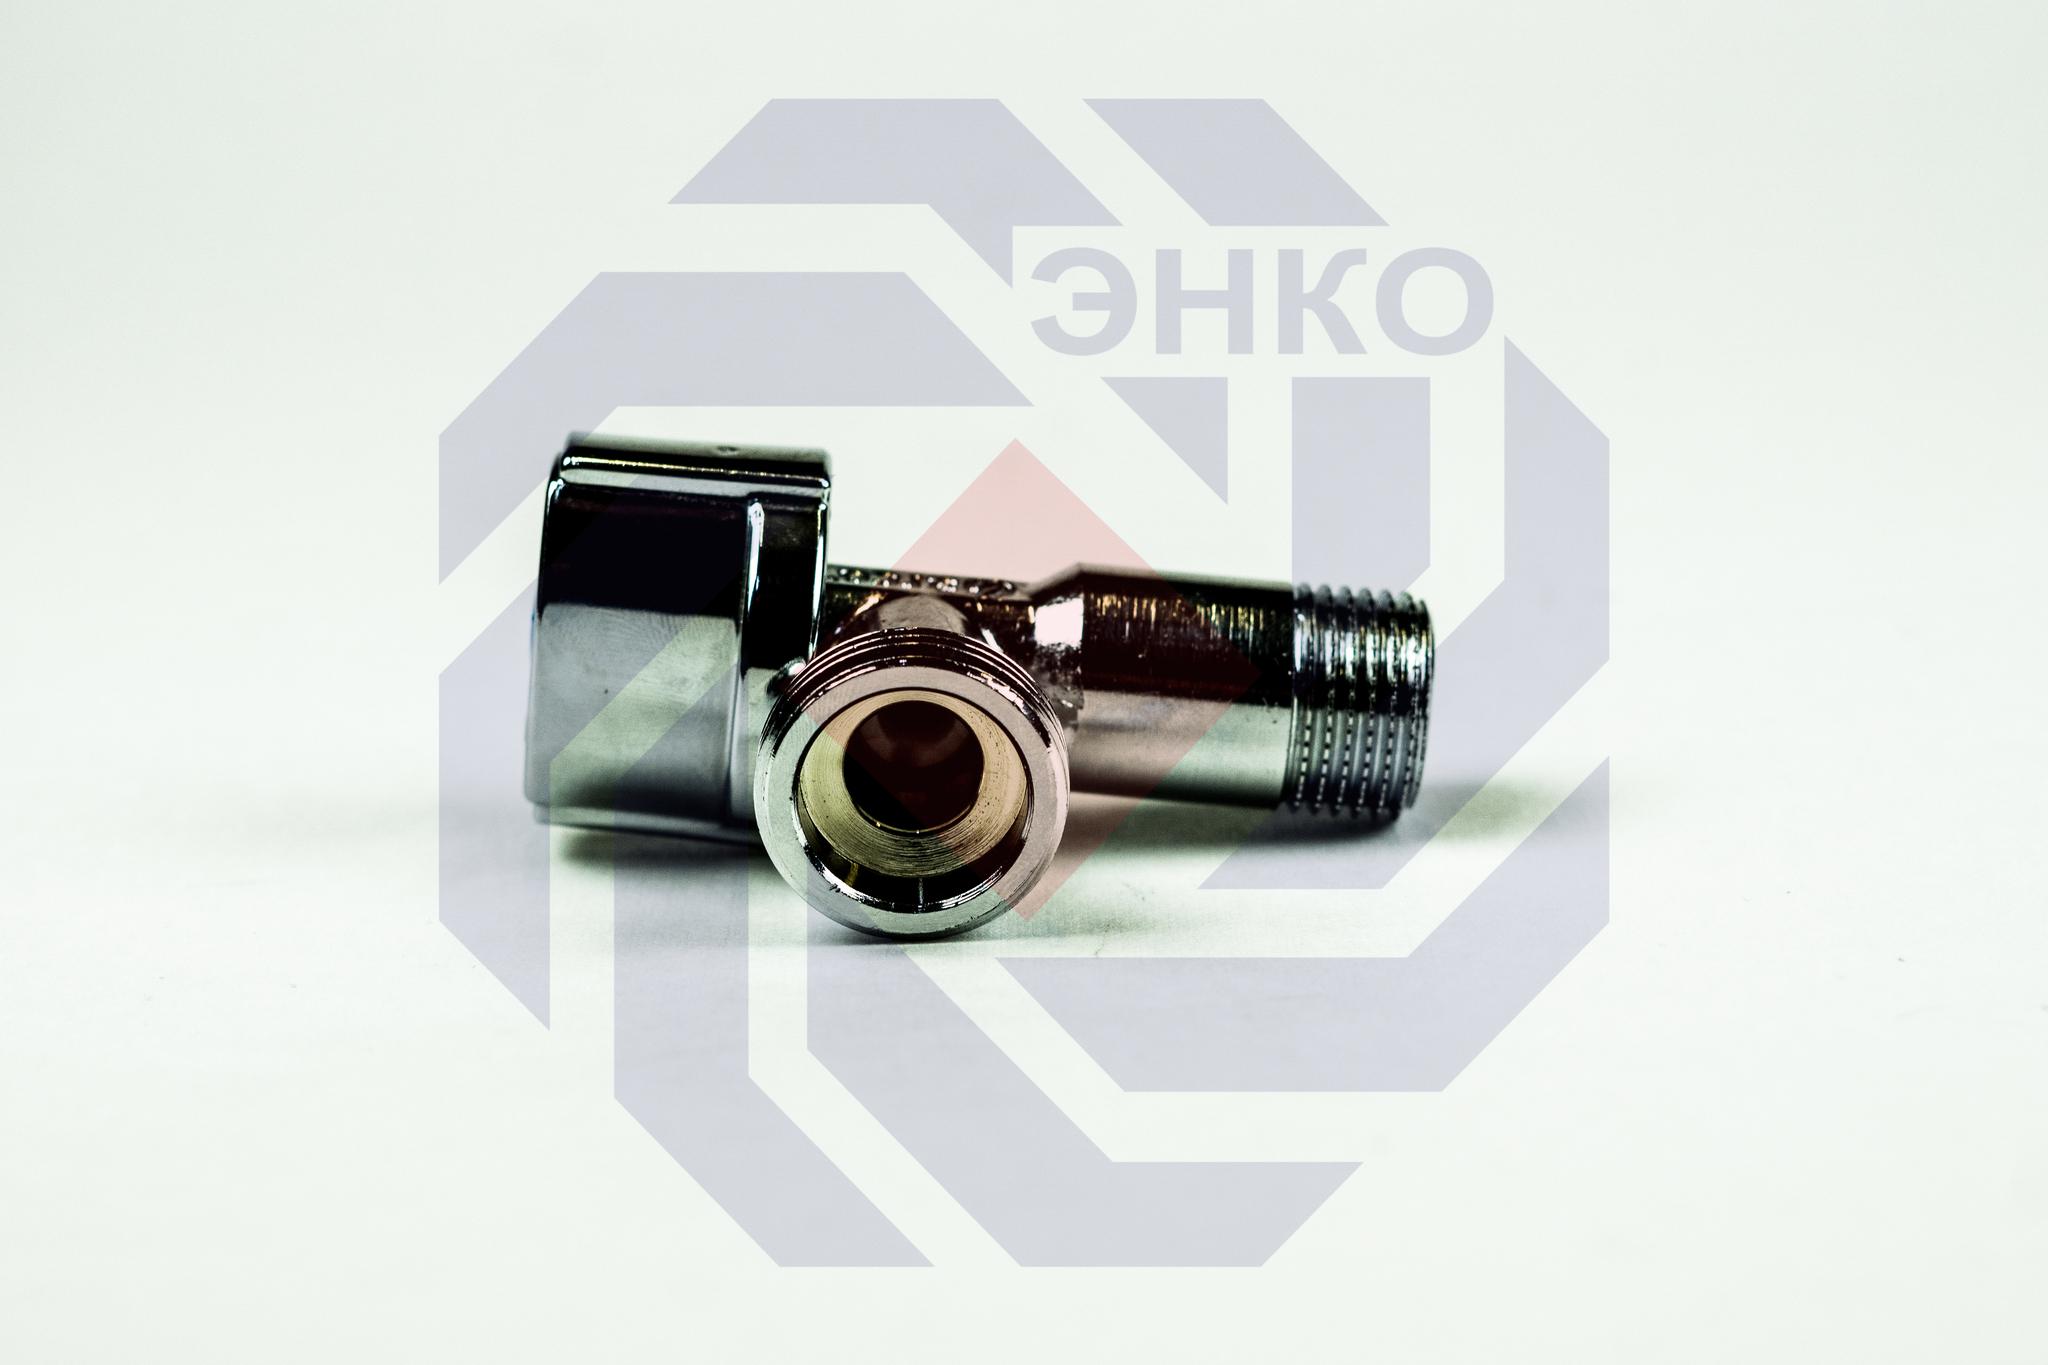 Кран для подключения стиральной машины угловой ARCO L-85 ½